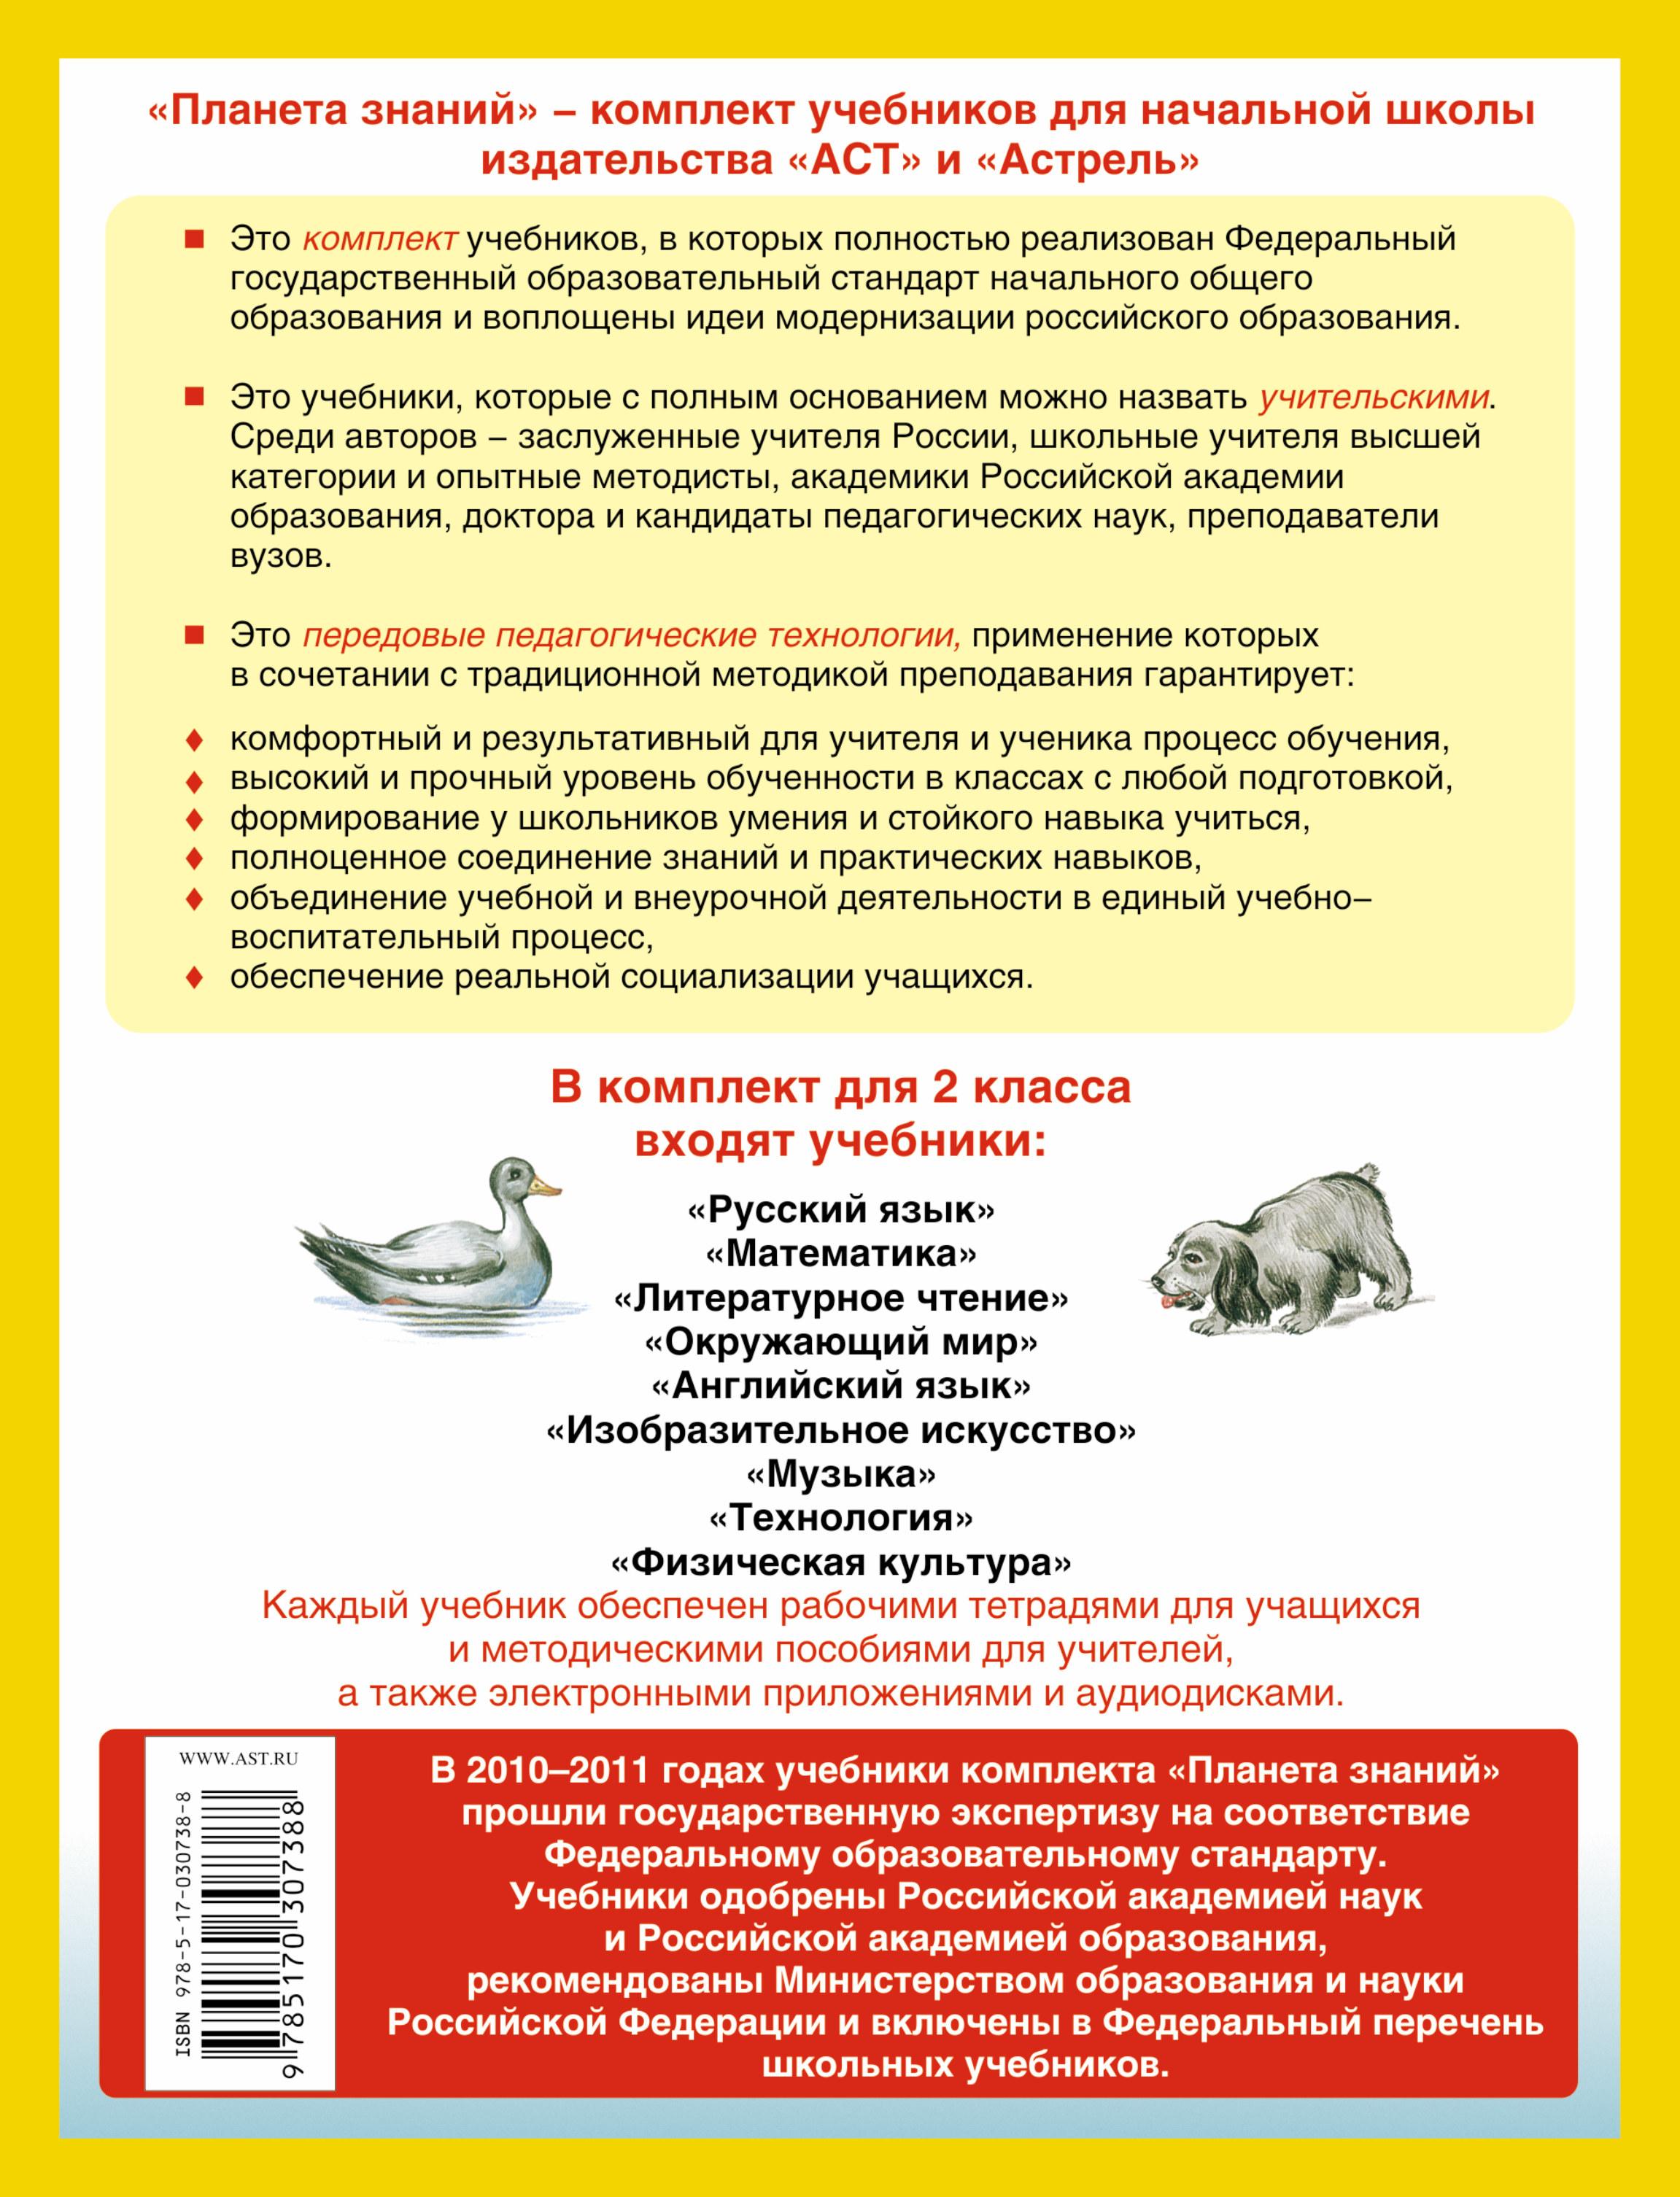 Окружающий мир. 2 класс. Рабочая тетрадь № 2 к учебнику Г. Г. Ивченковой, И. В. Потапова. Часть 2